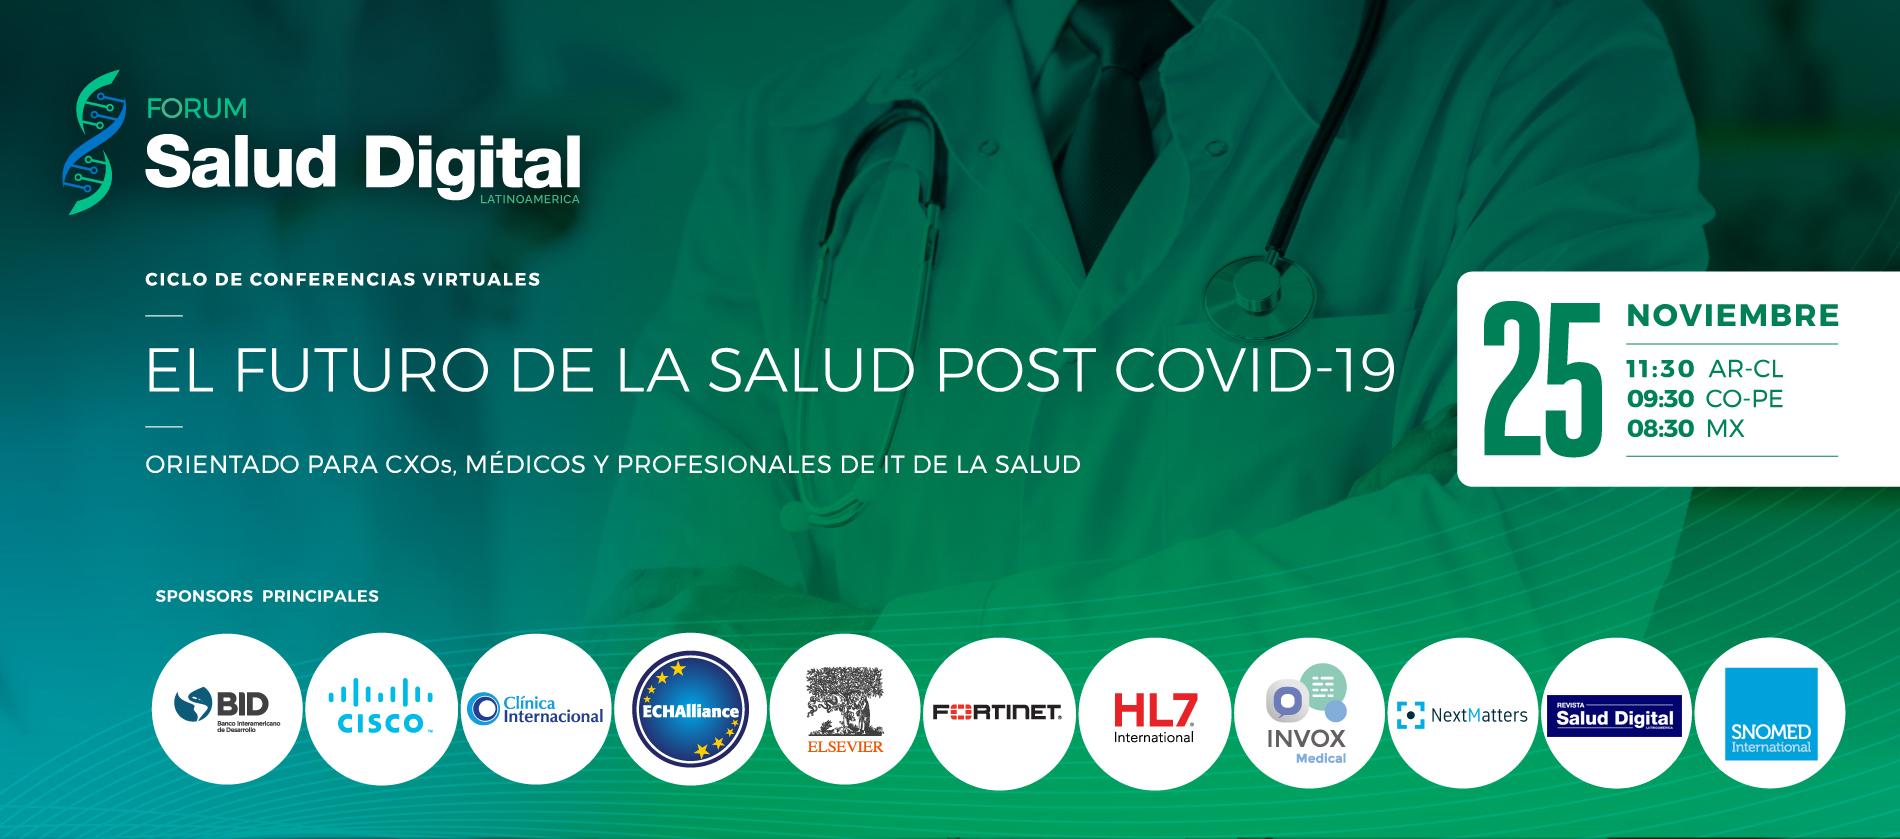 El futuro de la Salud Post COVID-19